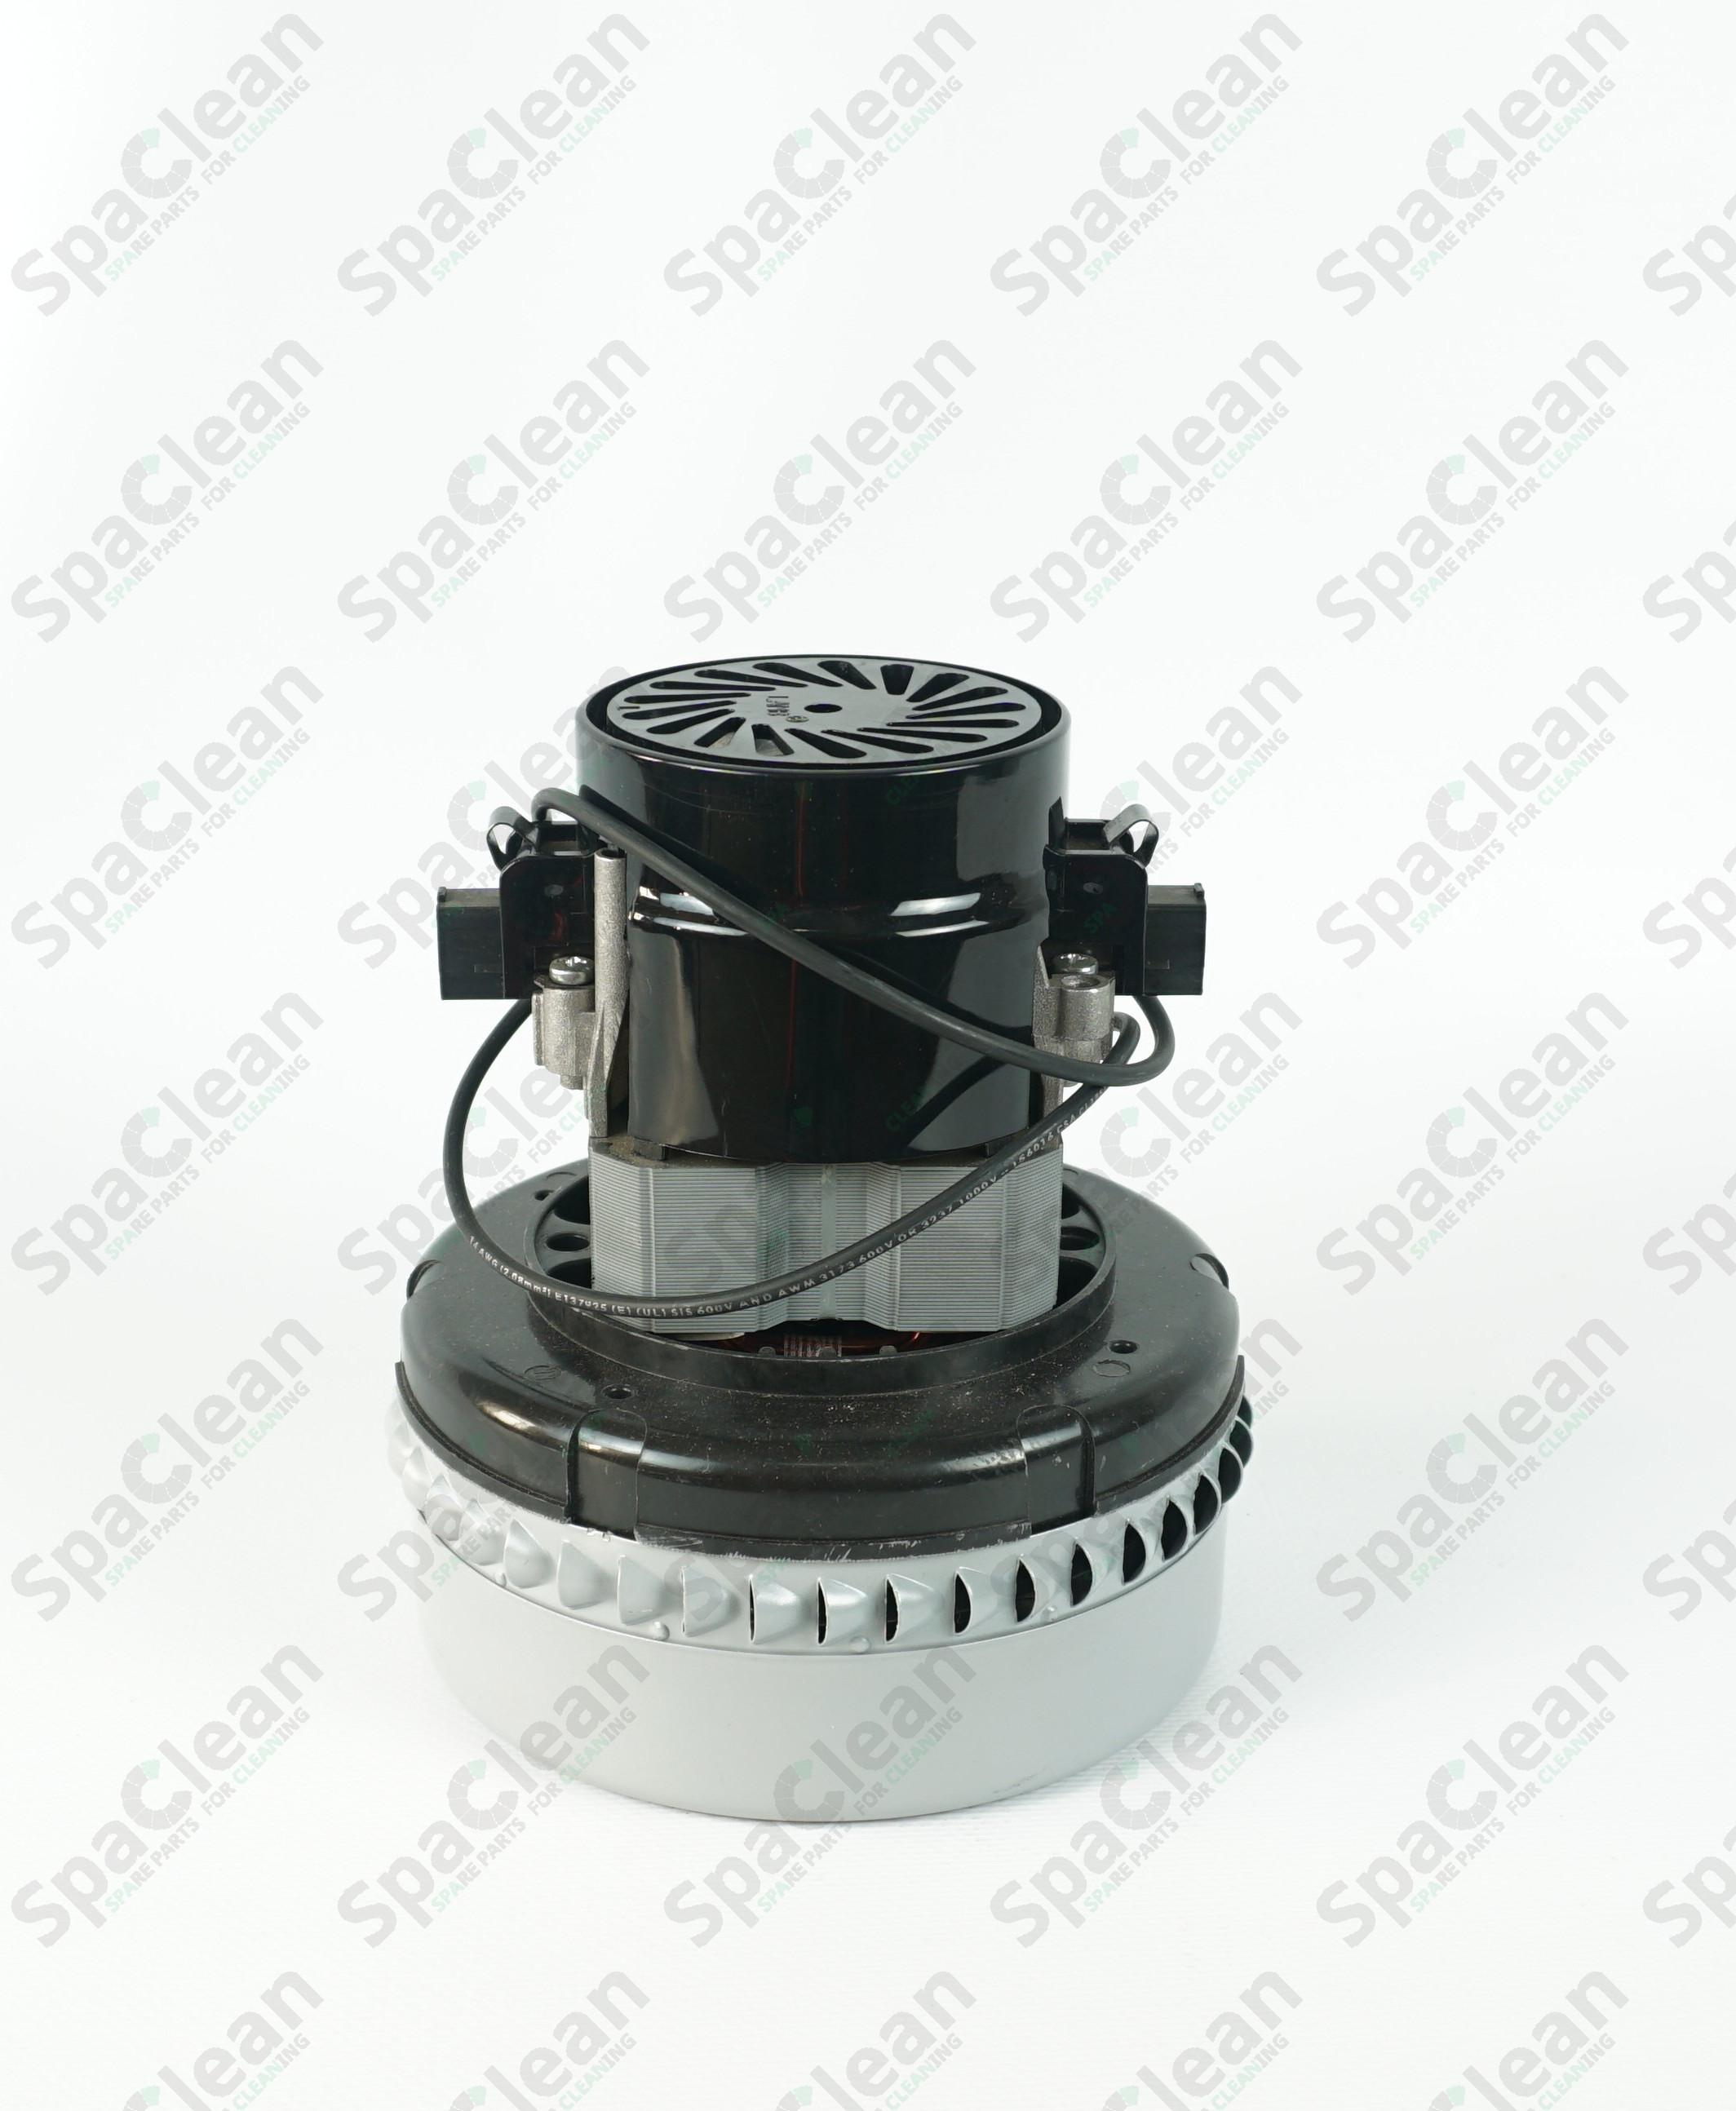 Мотор вакуумный 24V 480W Двухстадийный для Wetrok Duomatic C43